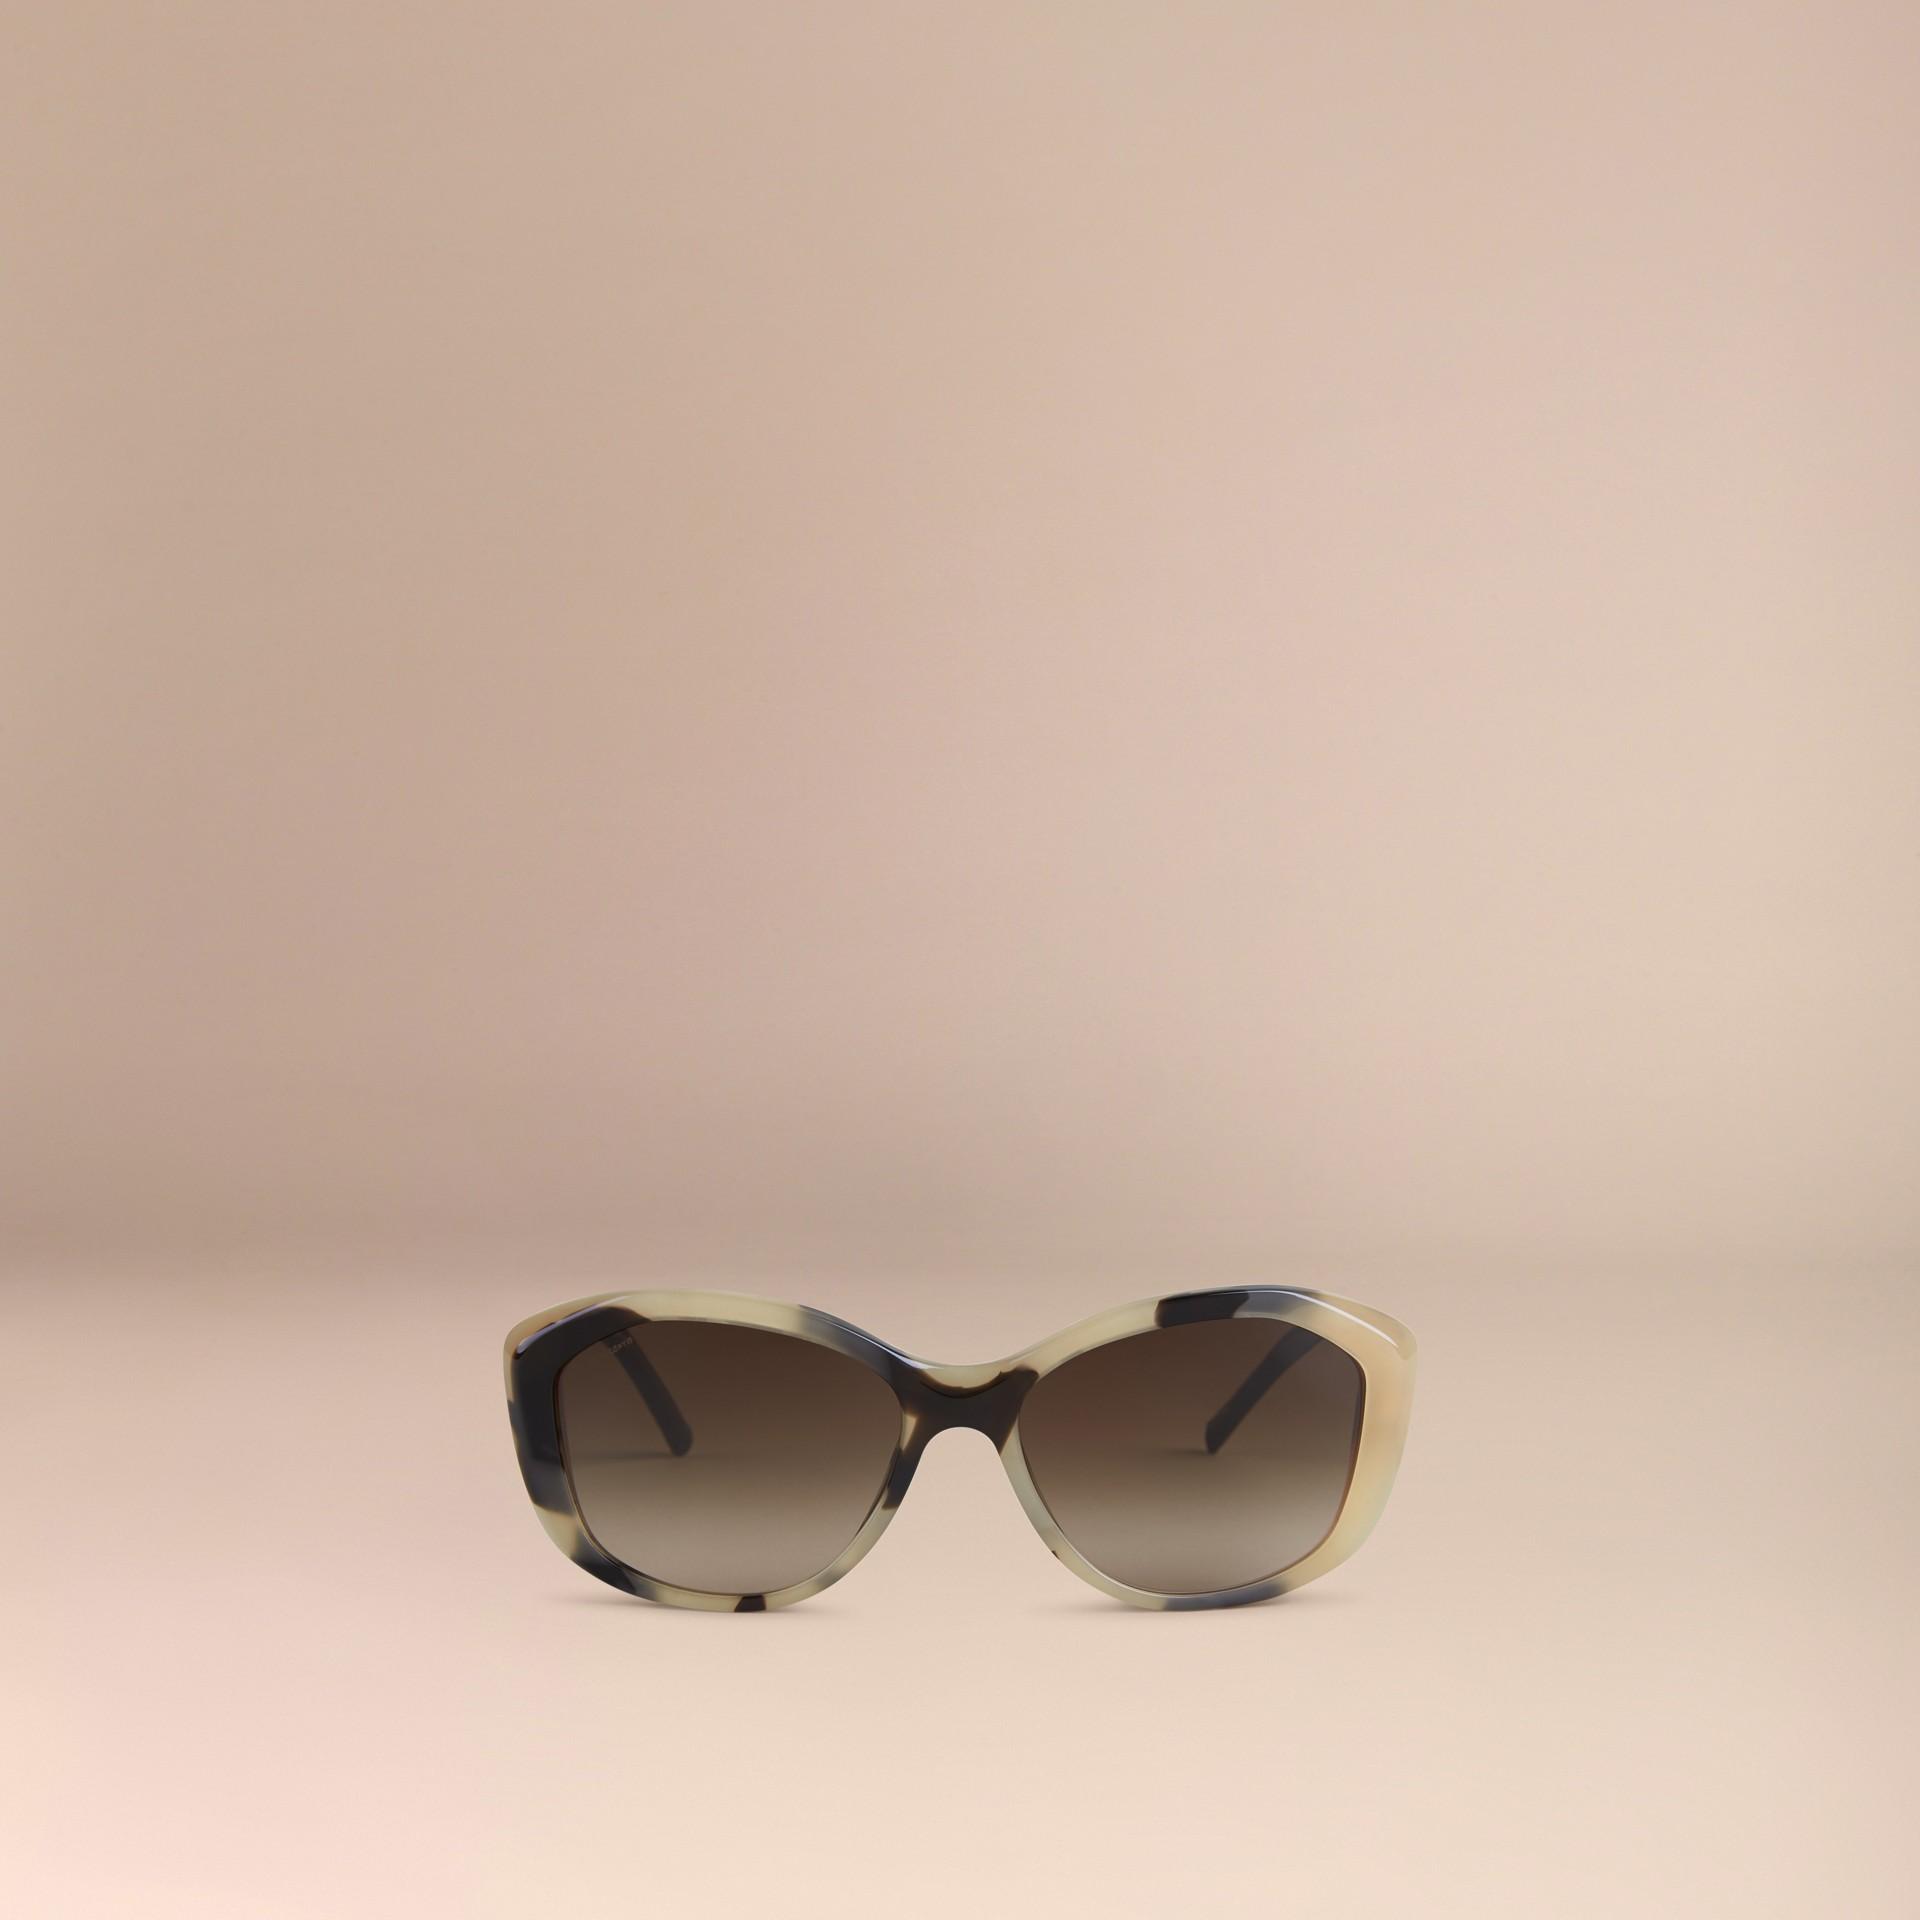 Tartarugato tonalità media Occhiali da sole con montatura quadrata collezione Pizzo di Gabardine Tartarugato Tonalità Media - immagine della galleria 2